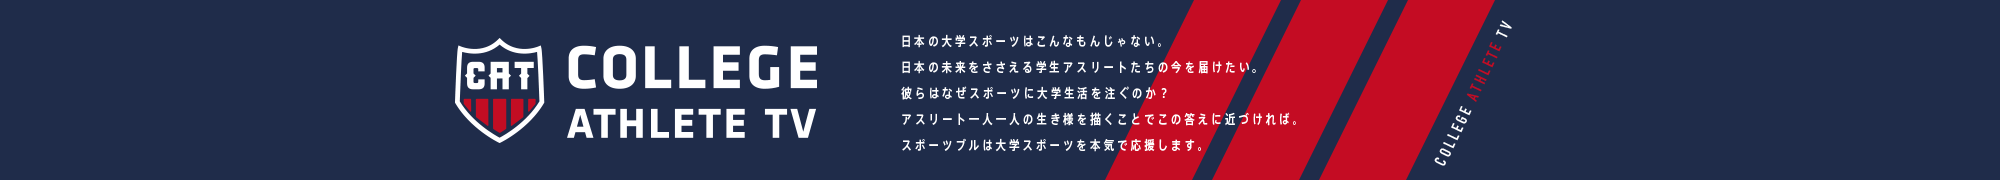 全日本学生選手権(インカレ)最終日は想定外の結末に。小野寺雅之(スポ3=埼玉栄)・大林拓真(スポ2=埼玉栄)組がフルセットの末に敗退。同時に行われていた吾妻咲弥(スポ3=福島・富岡…